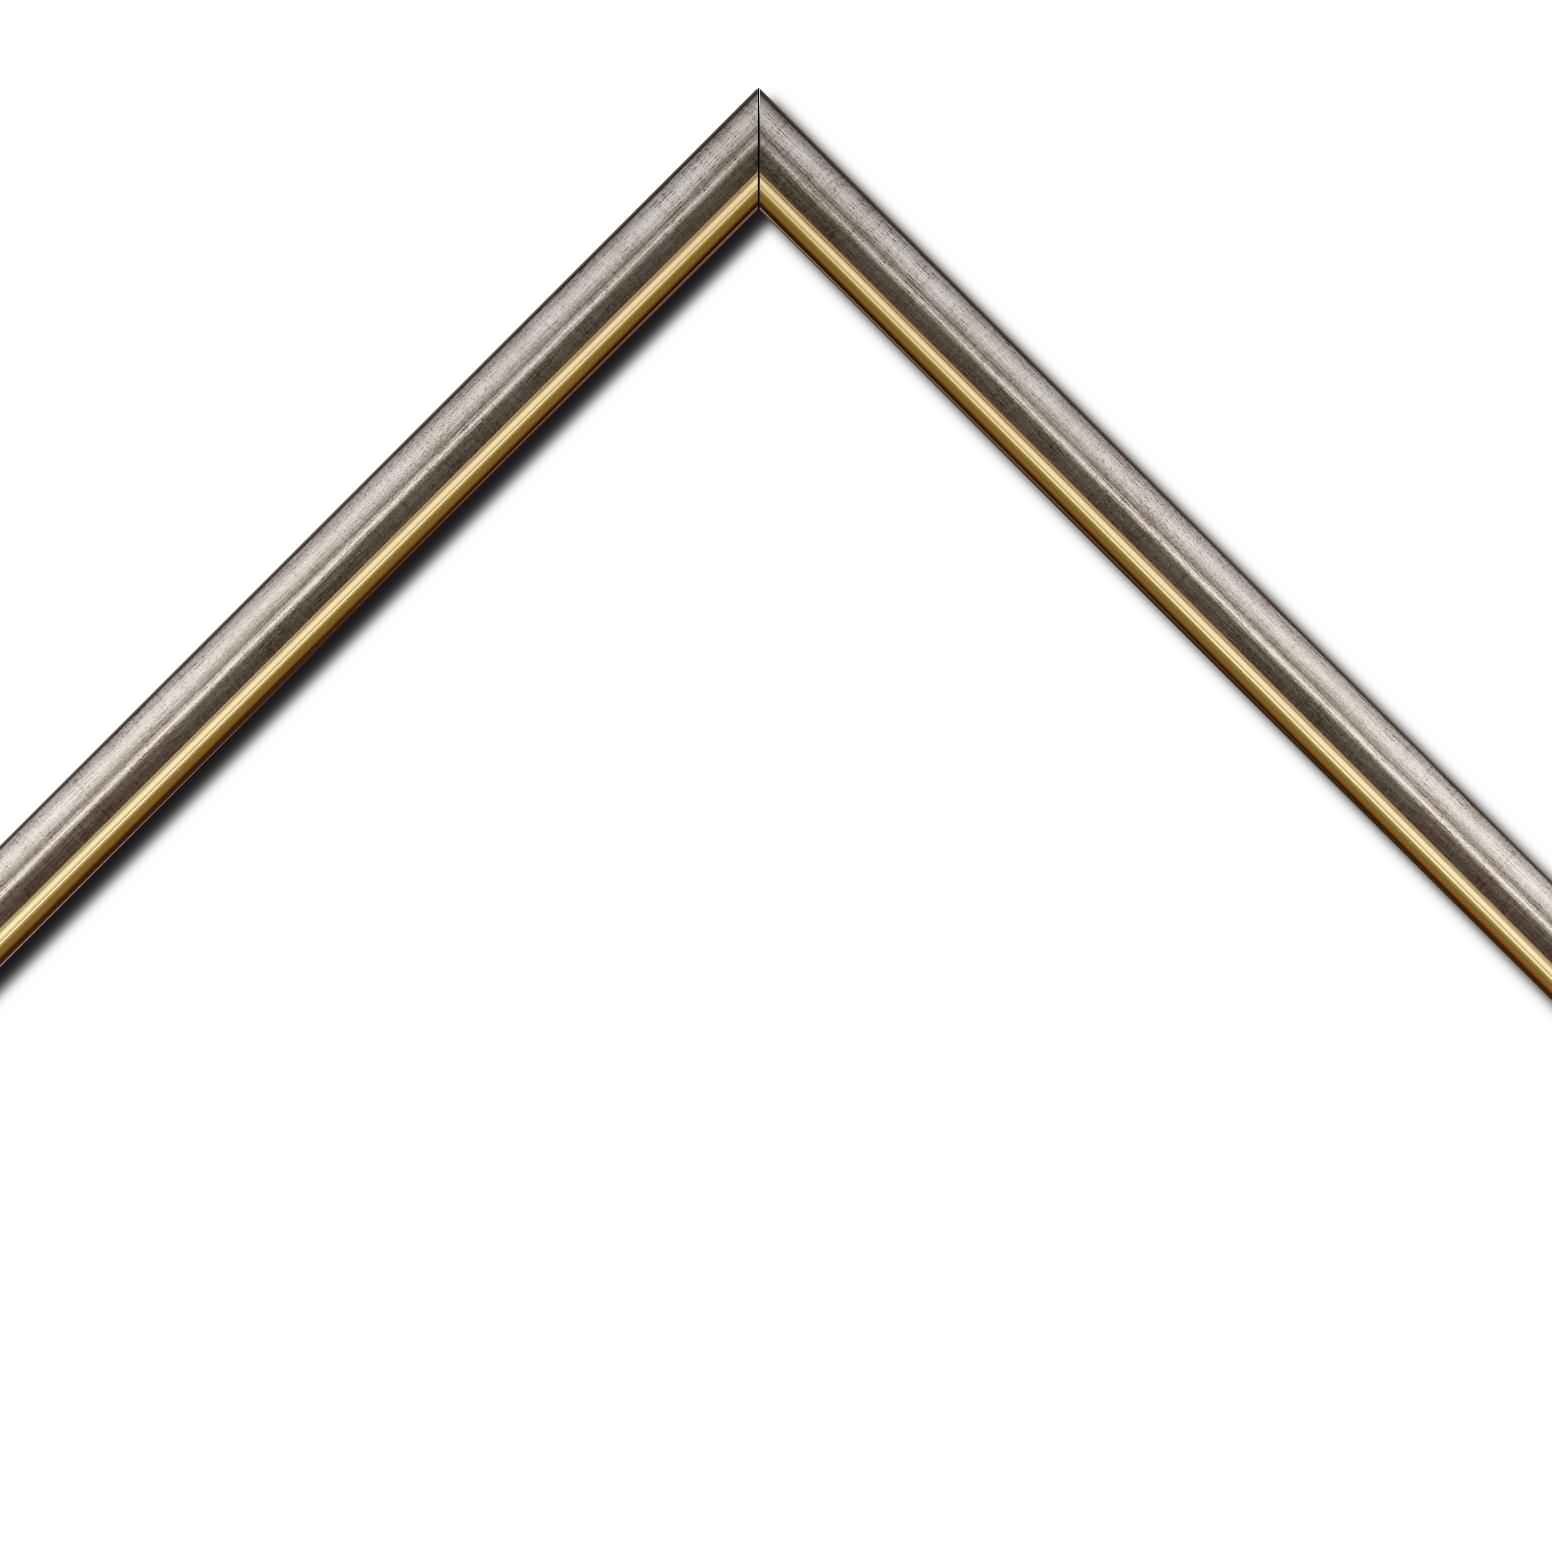 Baguette bois profil arrondi largeur 2.1cm  couleur plomb filet or